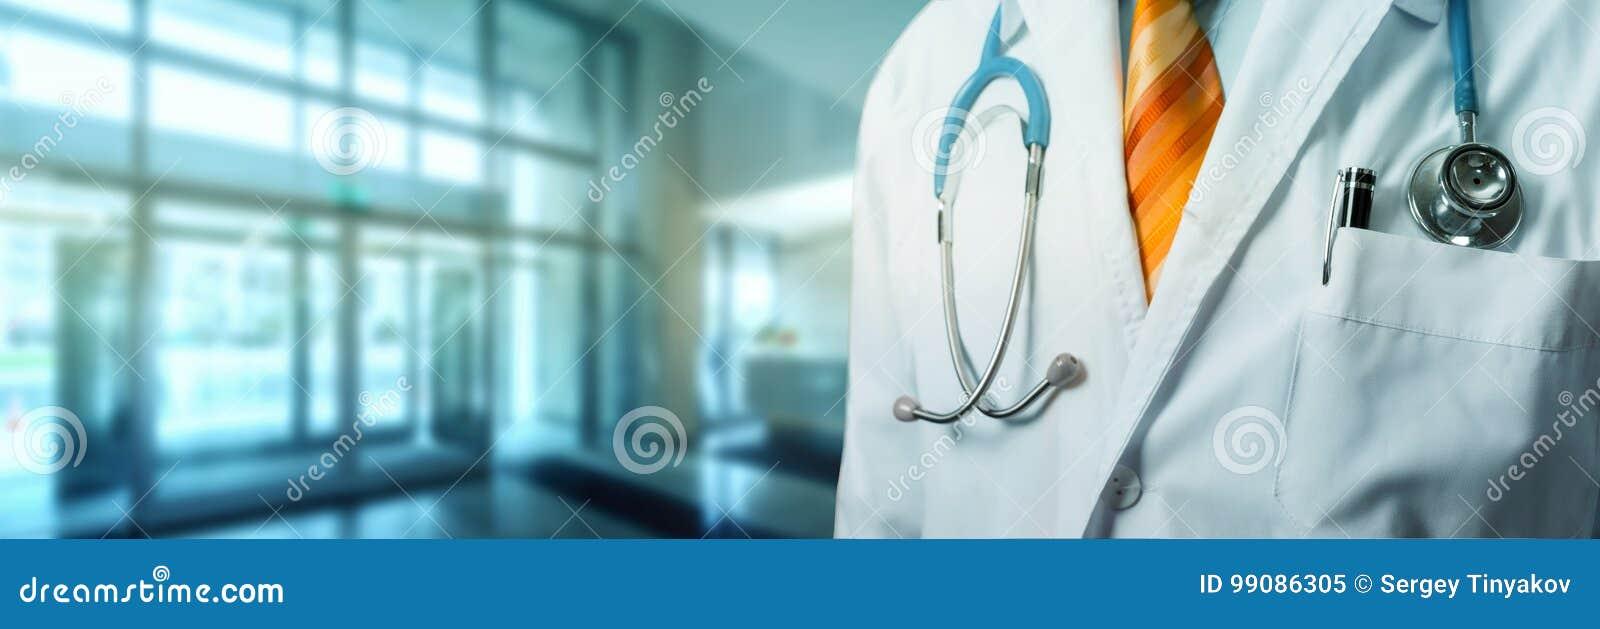 Lekarka Z stetoskopem W Hall szpitalu Globalny opieki zdrowotnej medycyny ubezpieczenia pojęcie